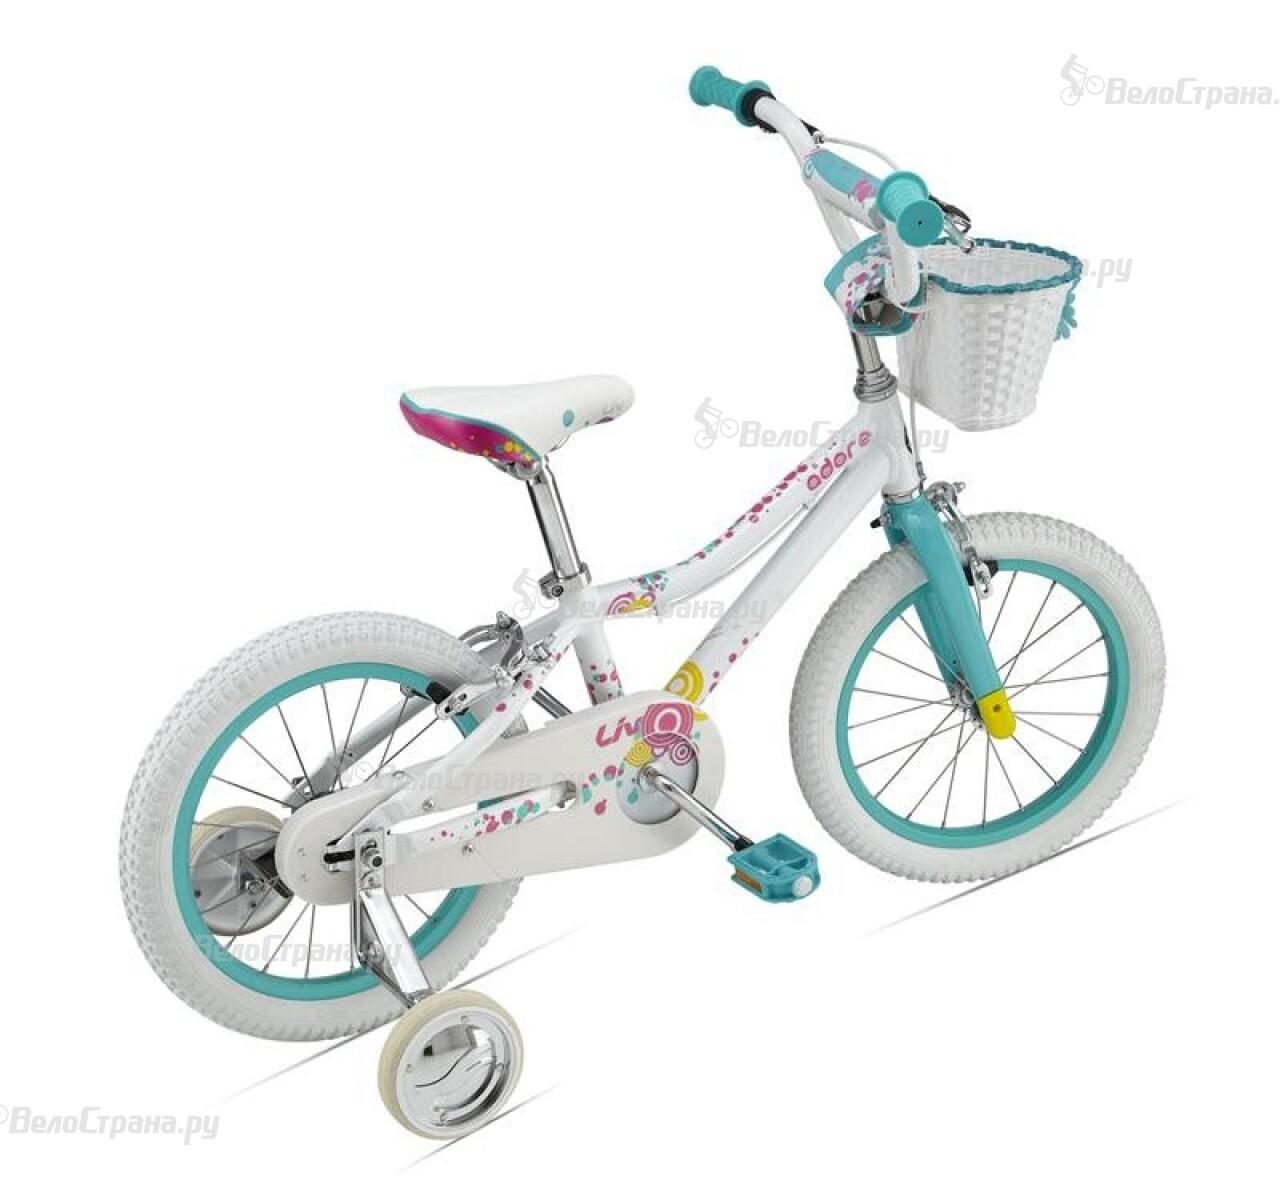 Велосипед Giant Adore F/W 16 (2015)